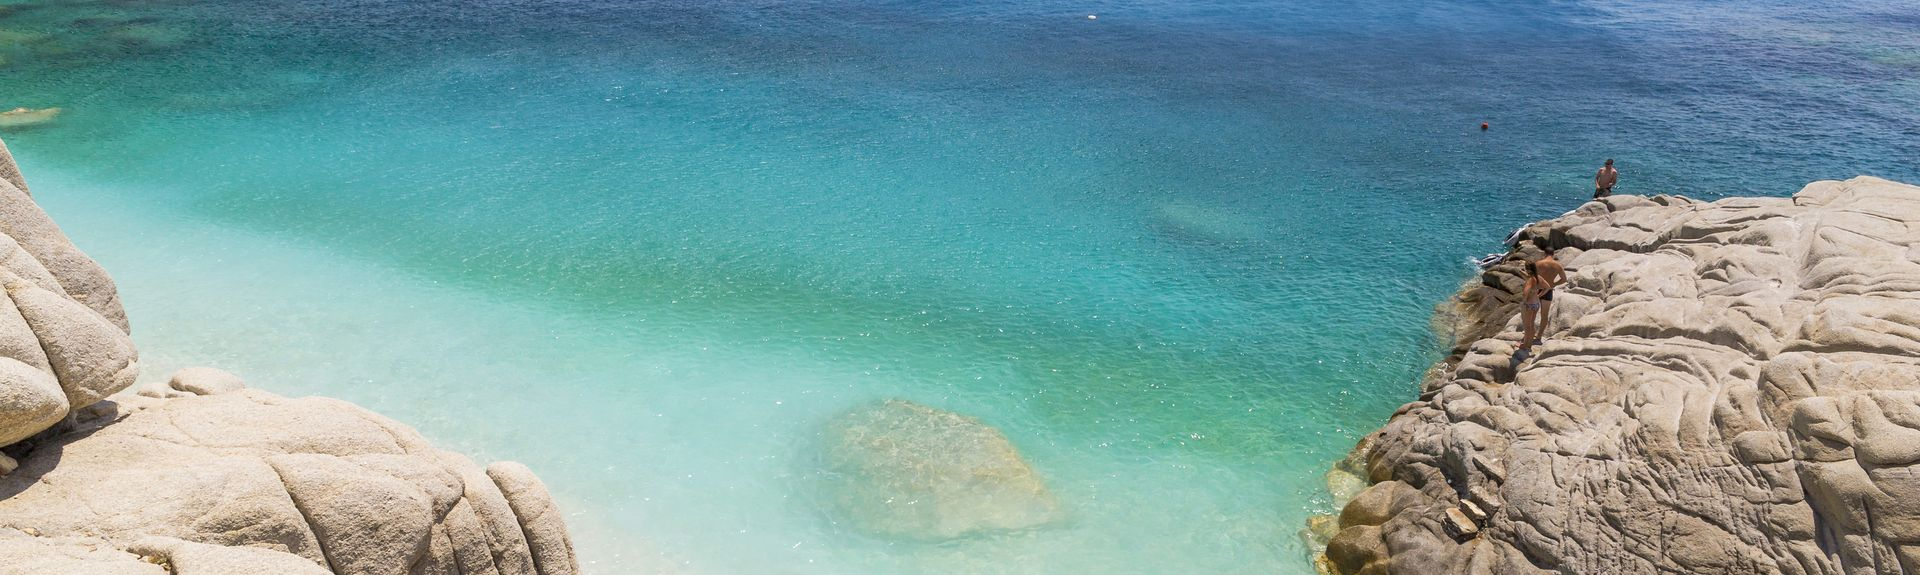 Ikaria, Nordlige Ægæiske Øer, Grækenland